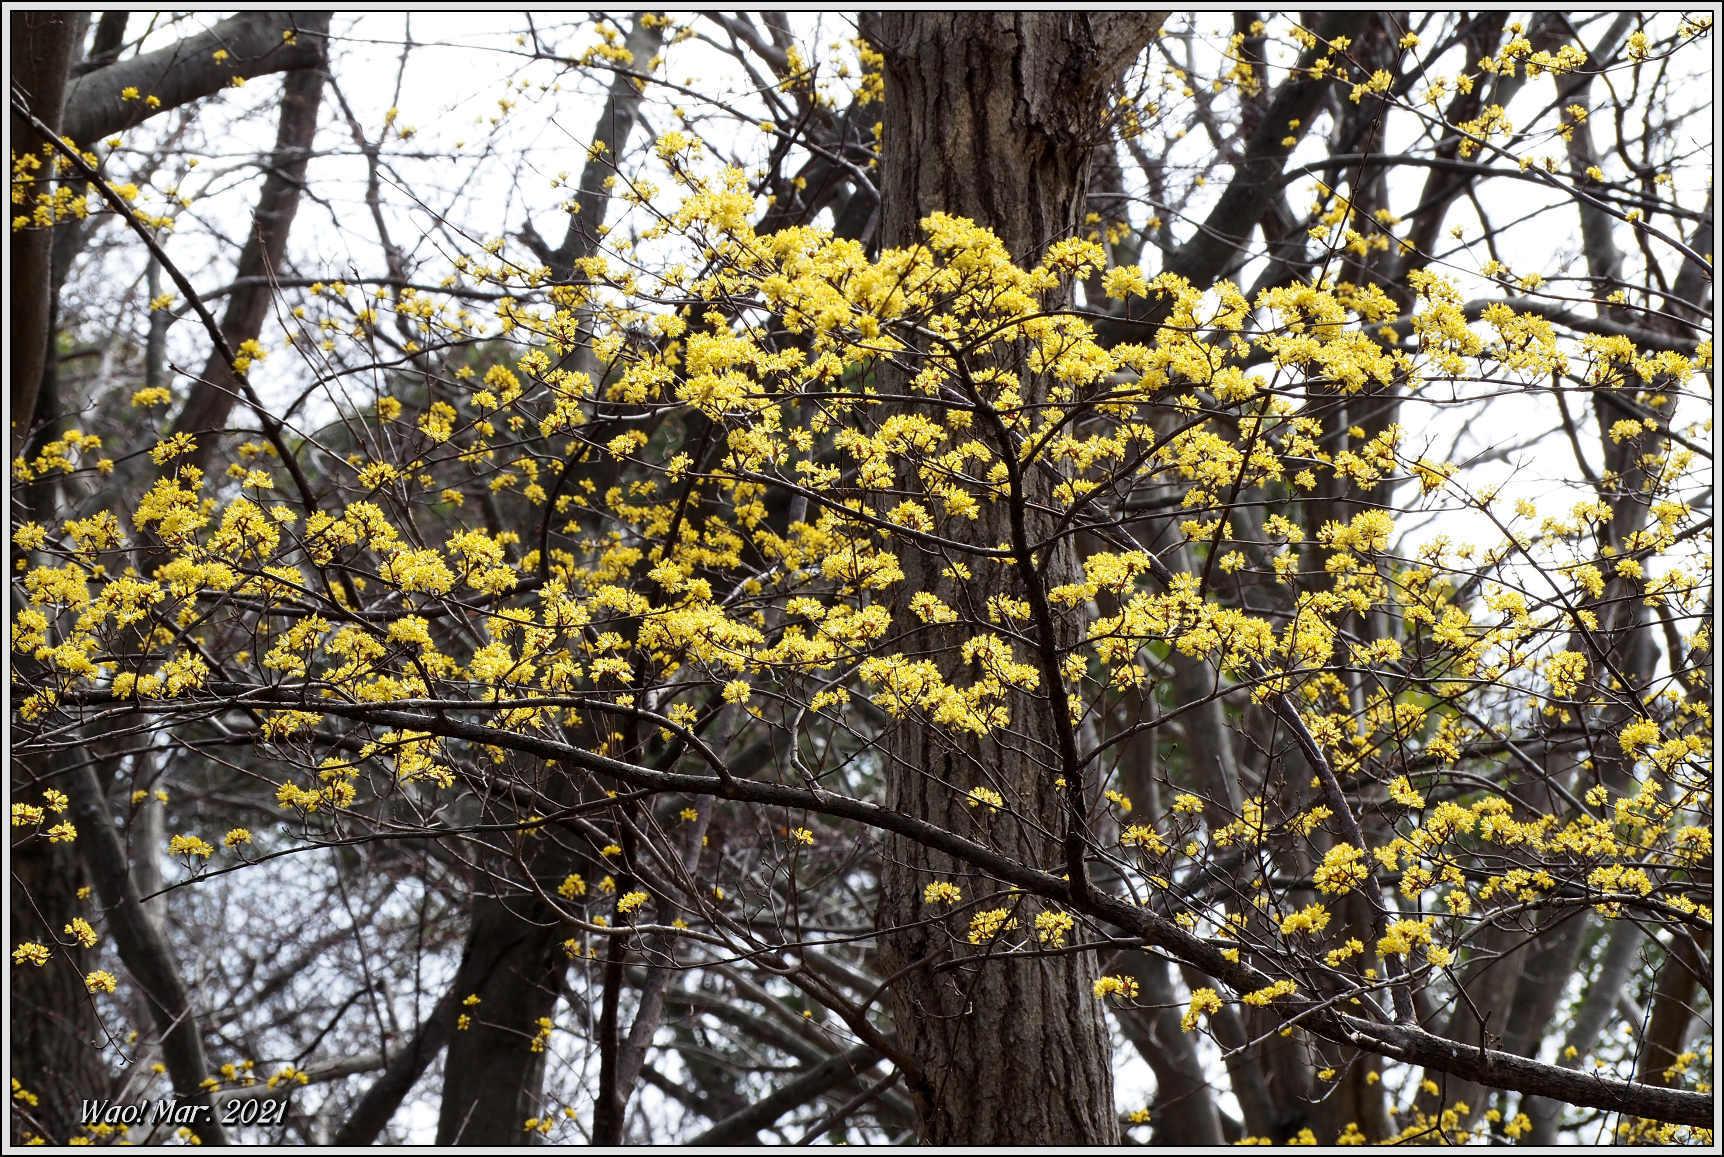 黄金色のサンシュユとピンクのジャノメエリカ_c0198669_18053757.jpg